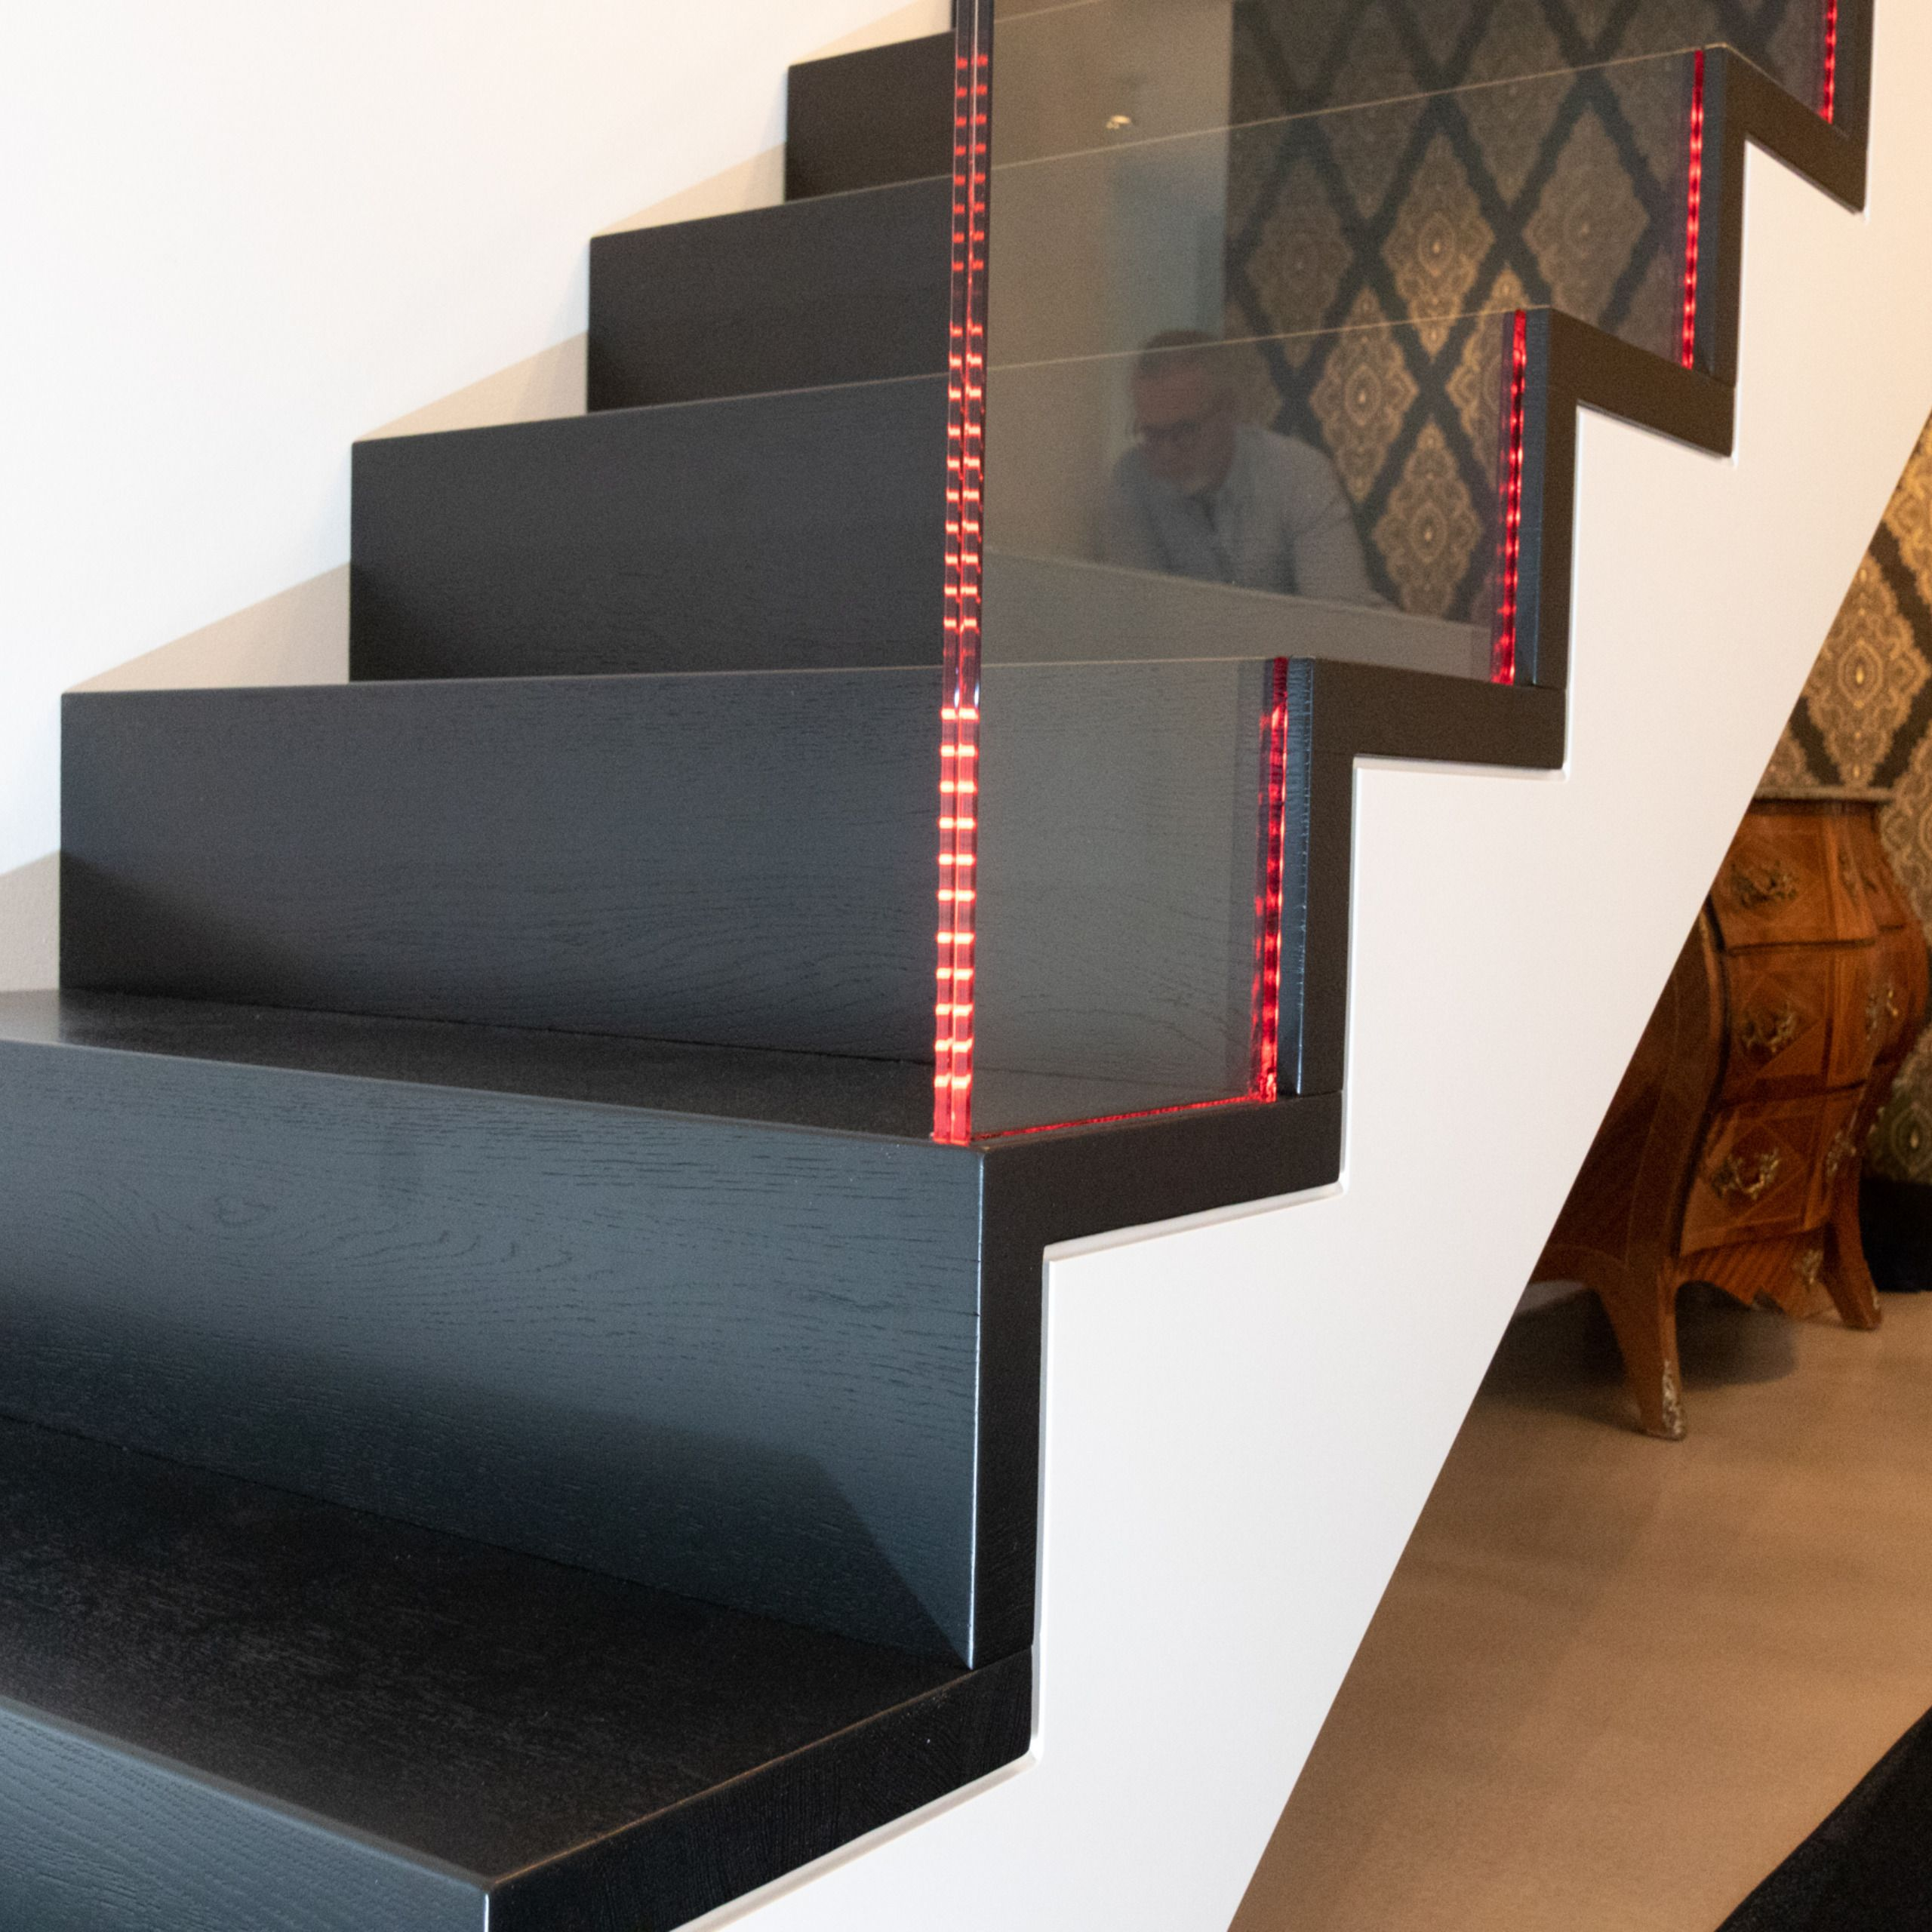 Grosse Glasgelanderscheiben Mit Led Beleuchtung Brustungshohe Glasscheiben Treppe Beleuchtung Zuhause Diy